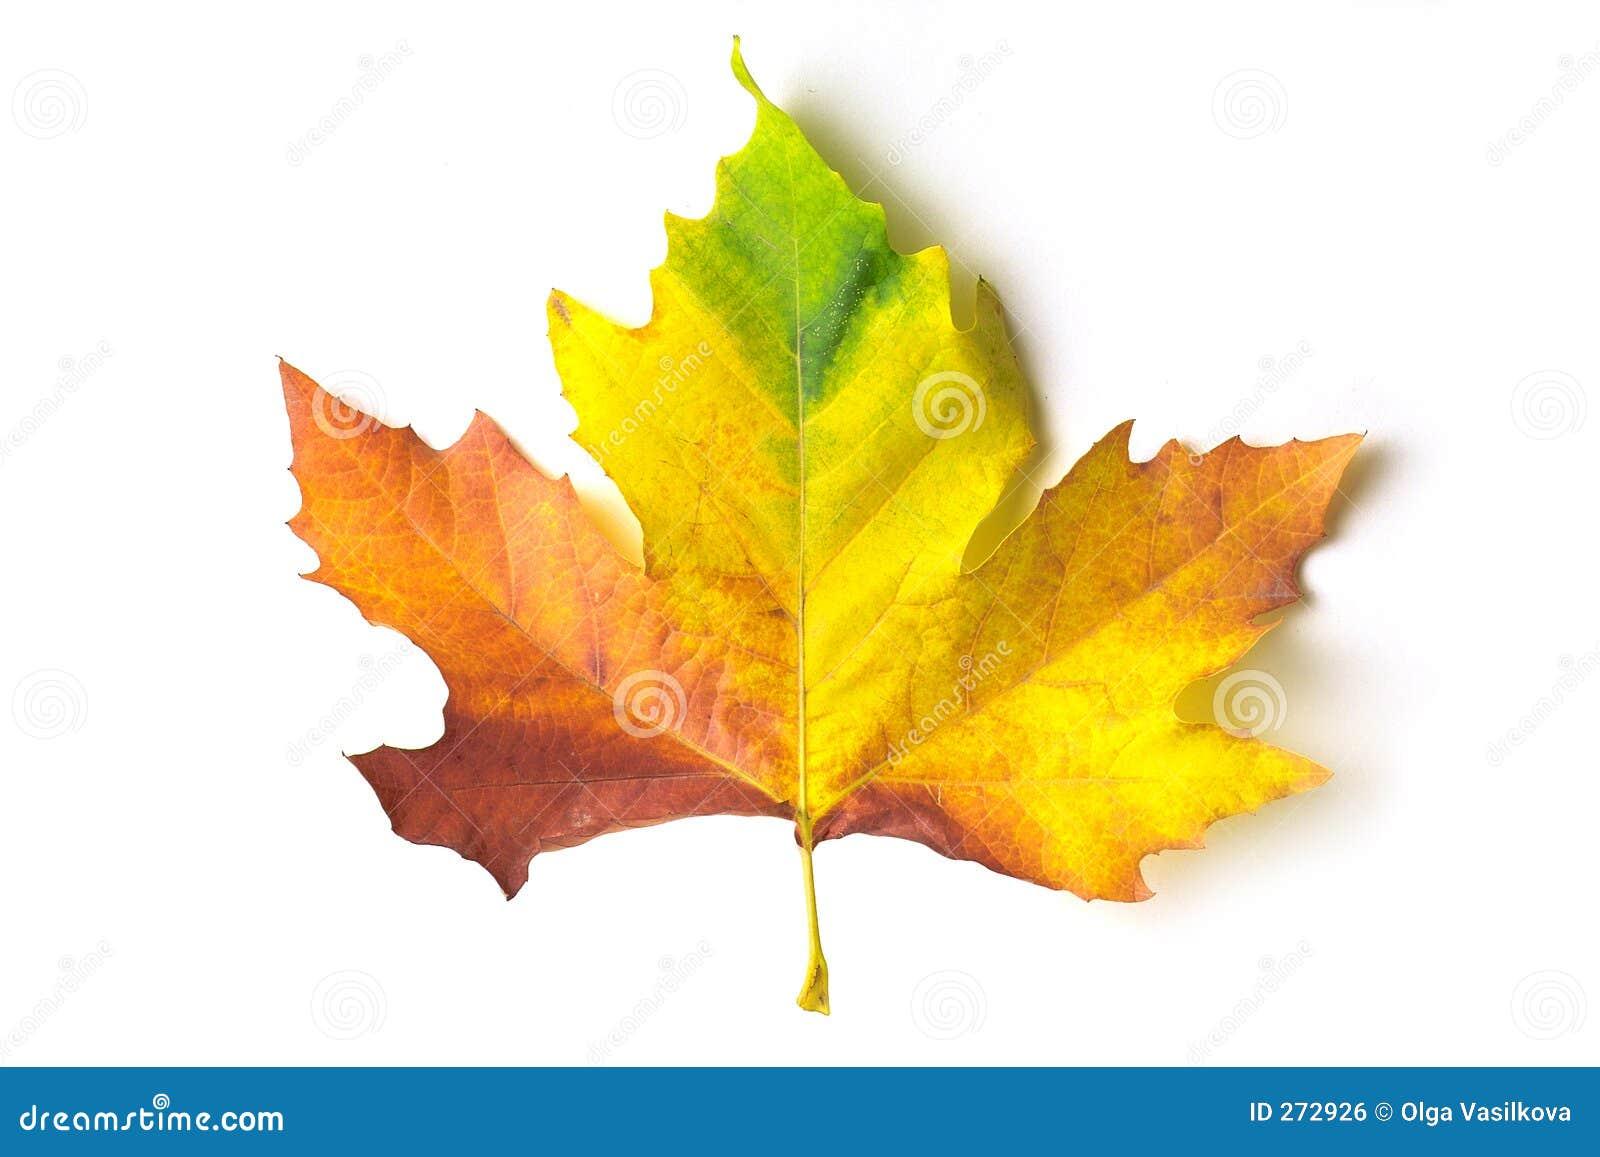 coloured maple leaf royalty free stock image image 272926